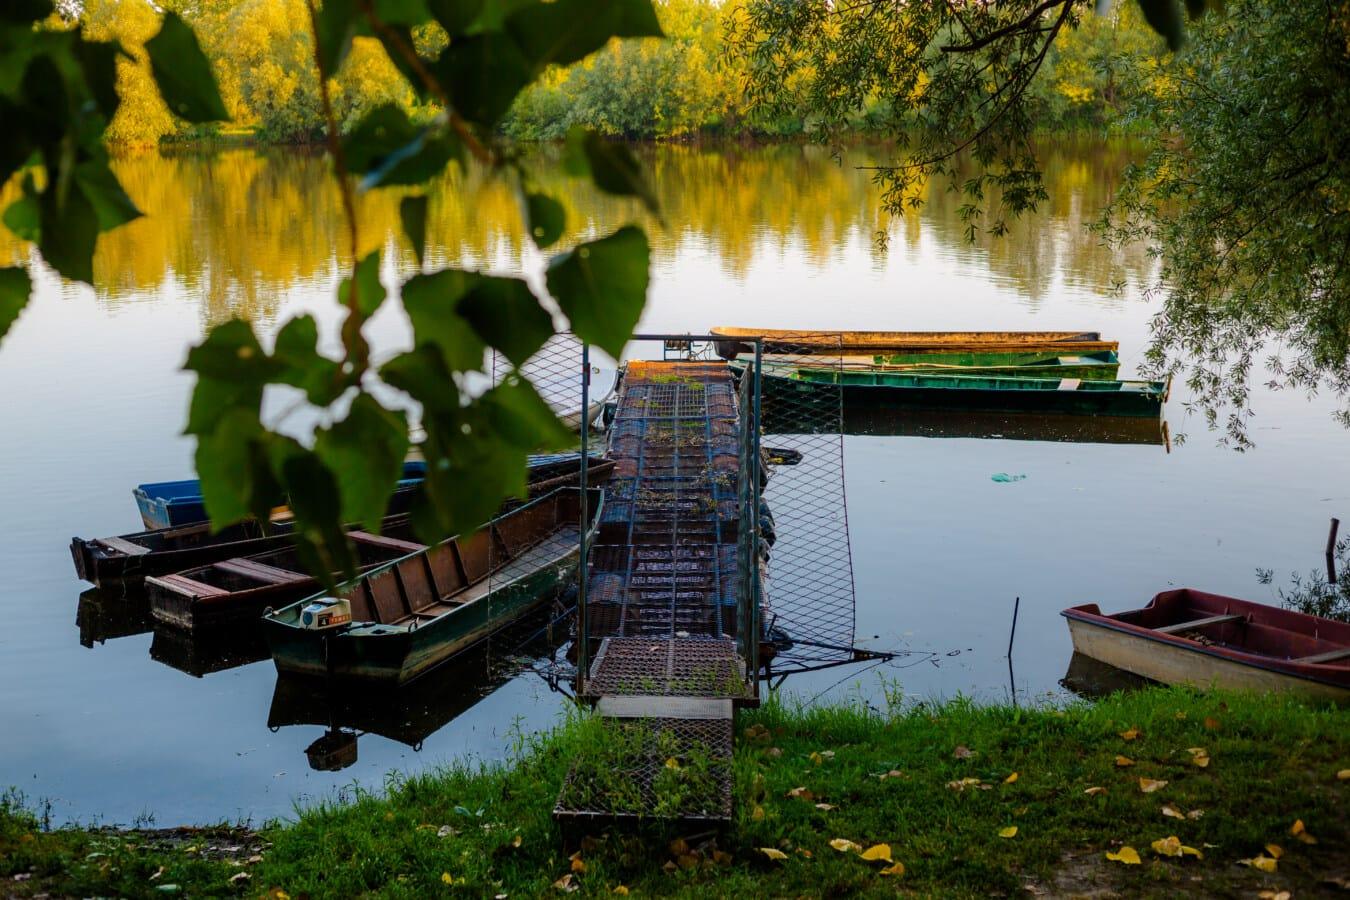 rivière, bateau de rivière, berge, station d'accueil, port, arbre, eau, paysage, bateau, Lac